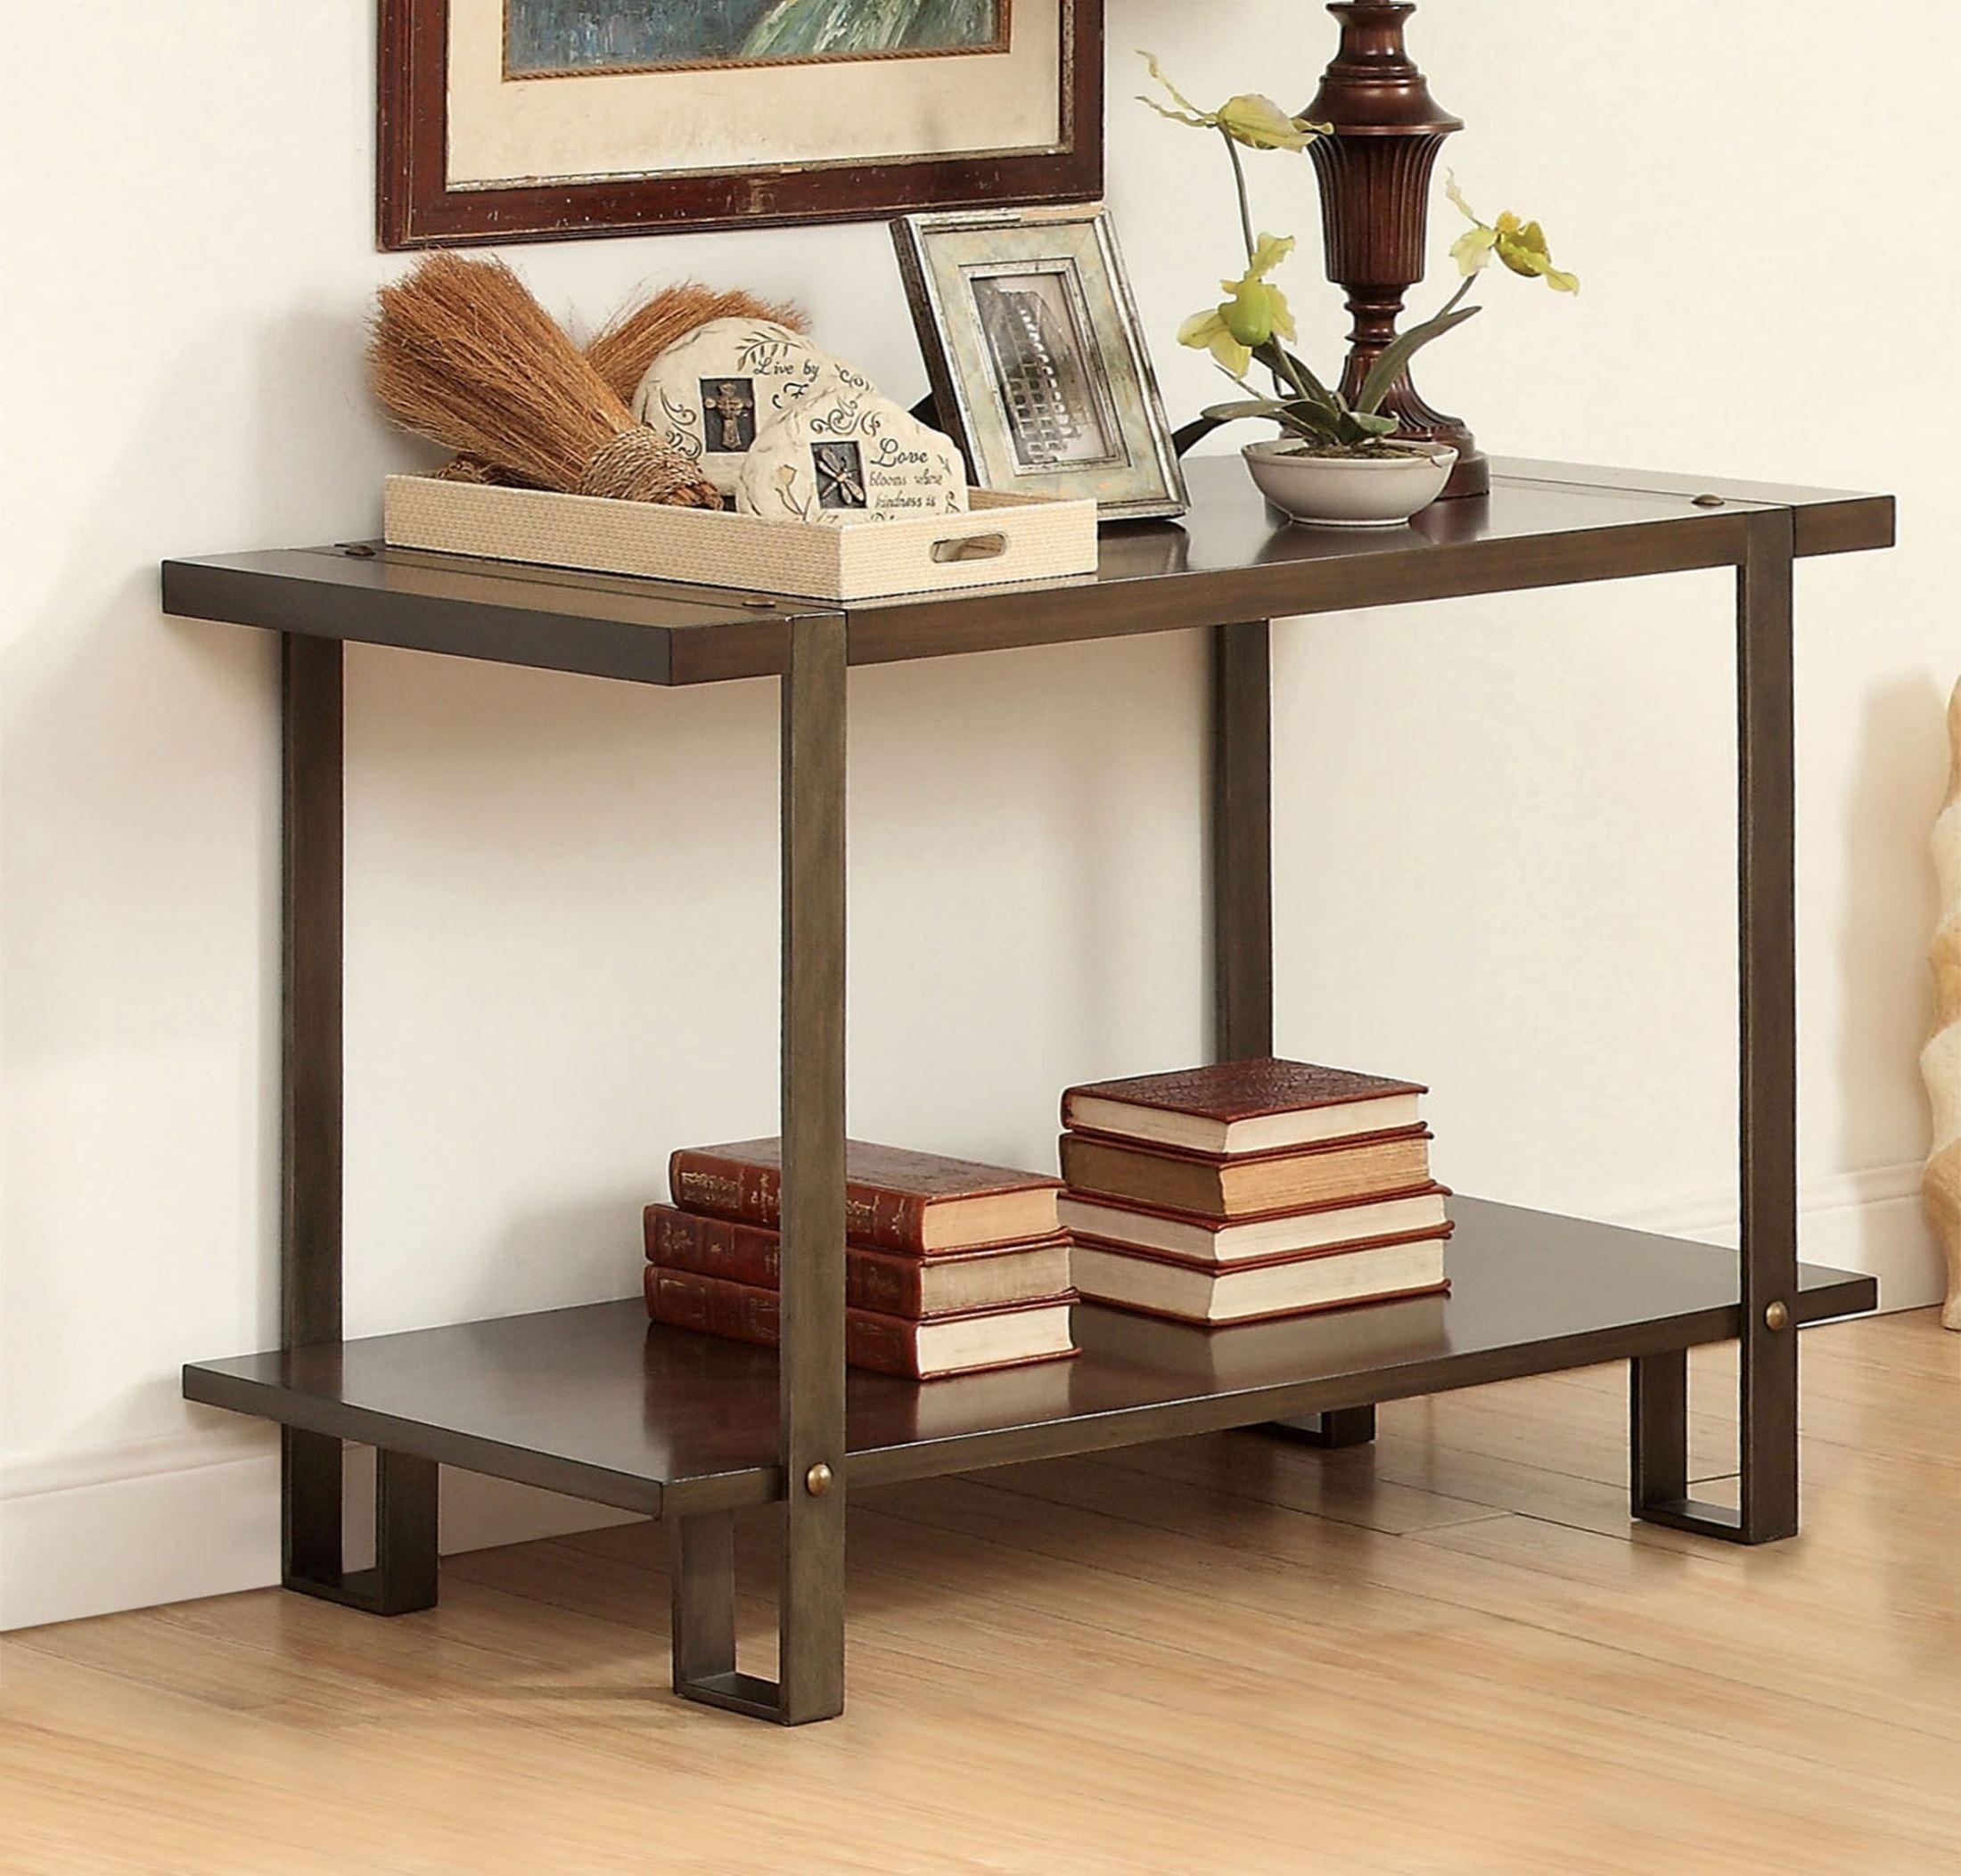 Arbor Dark Oak Sofa Table From Furniture Of America Cm4638s  # Muebles Luan Arbo